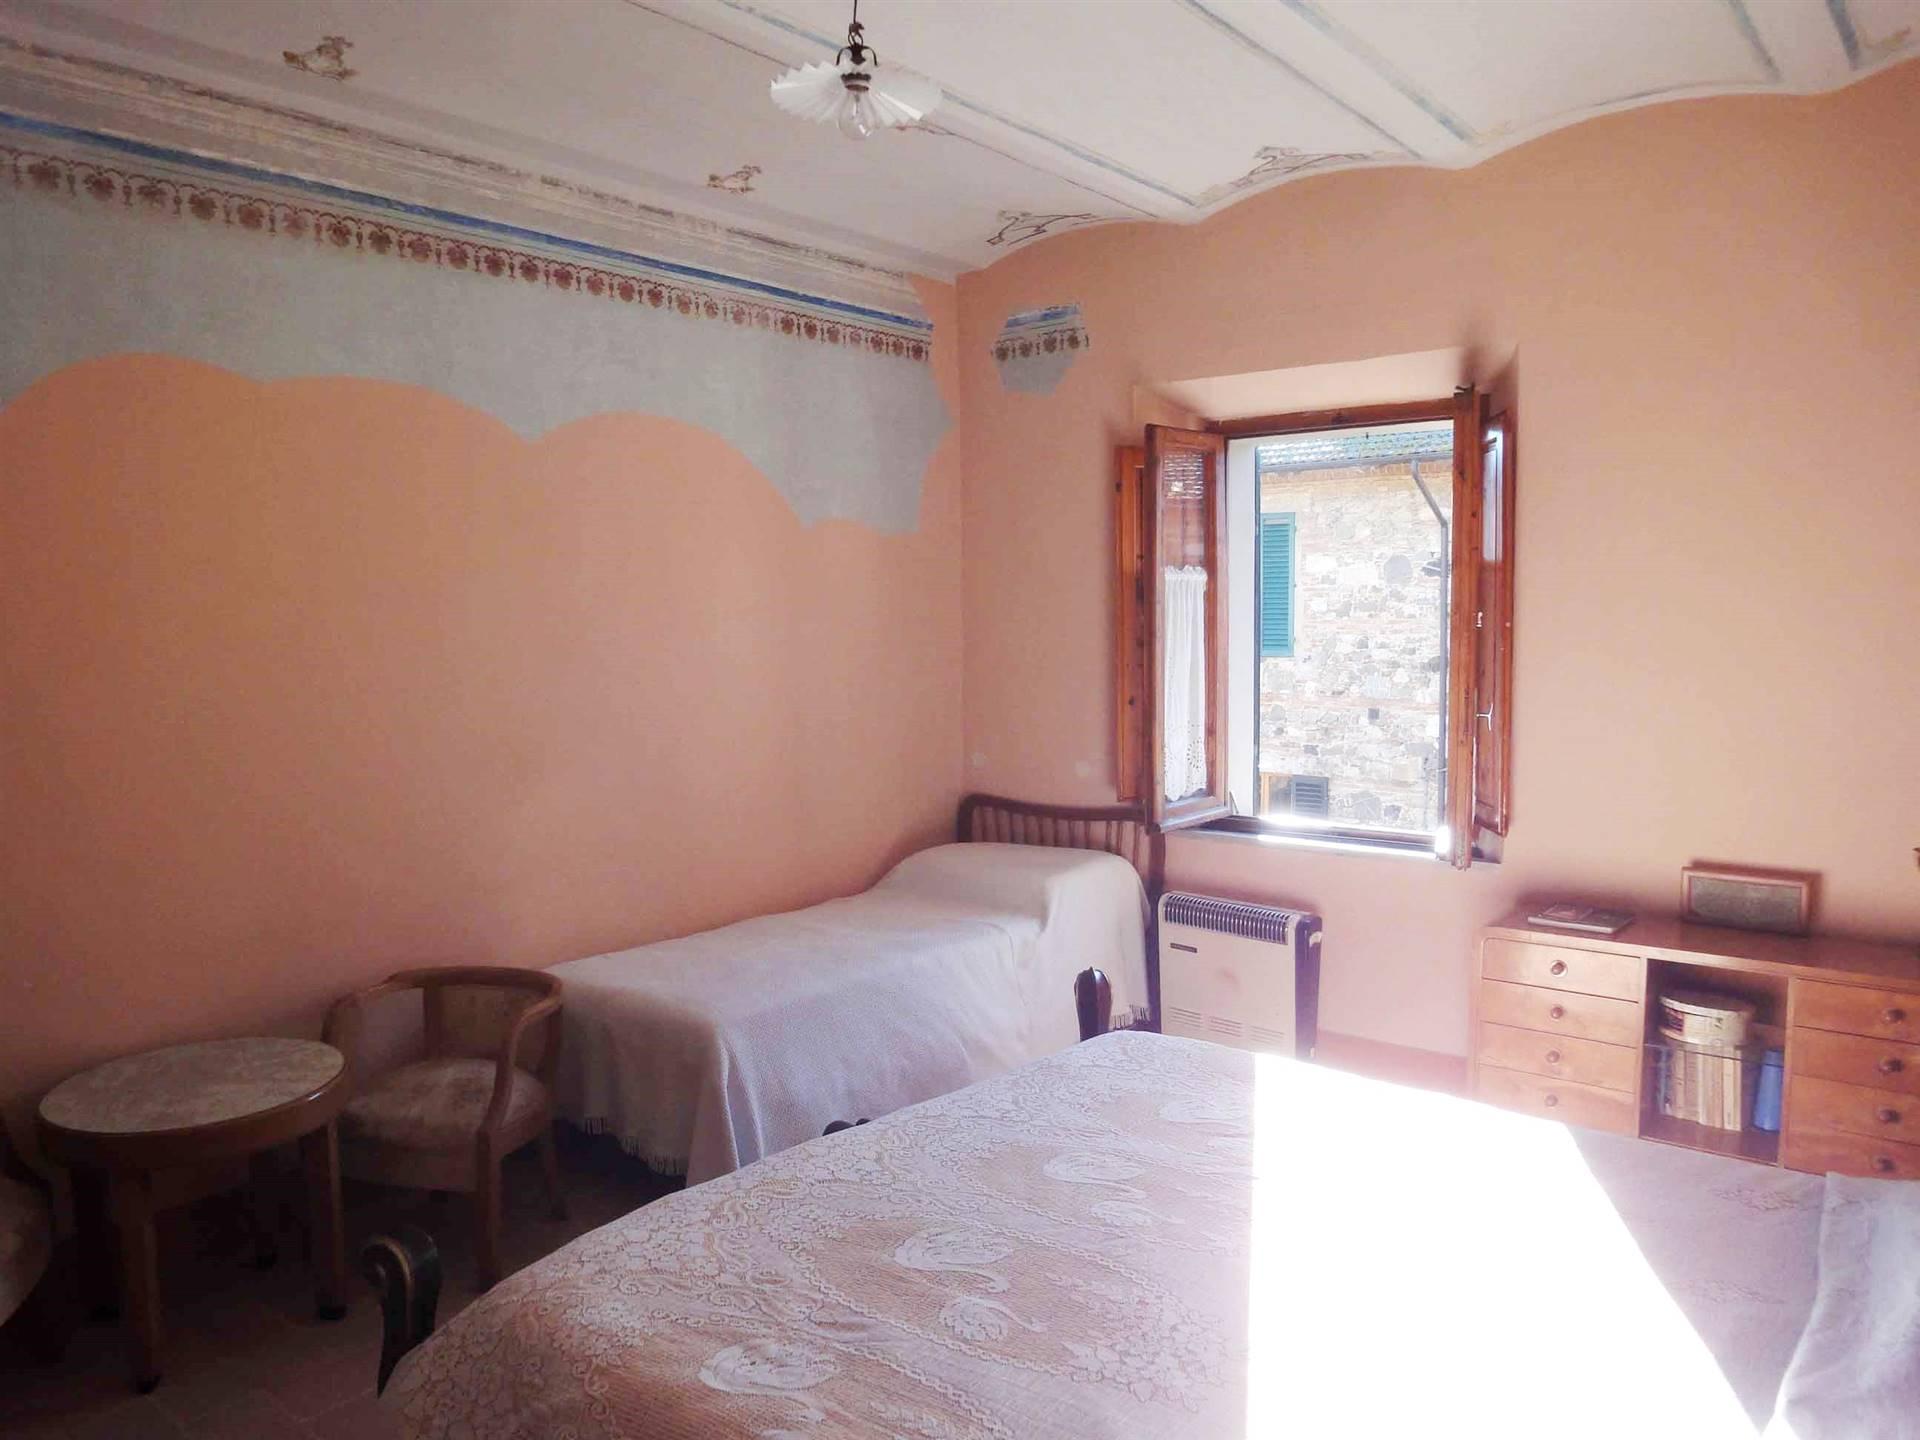 camera secondo piano